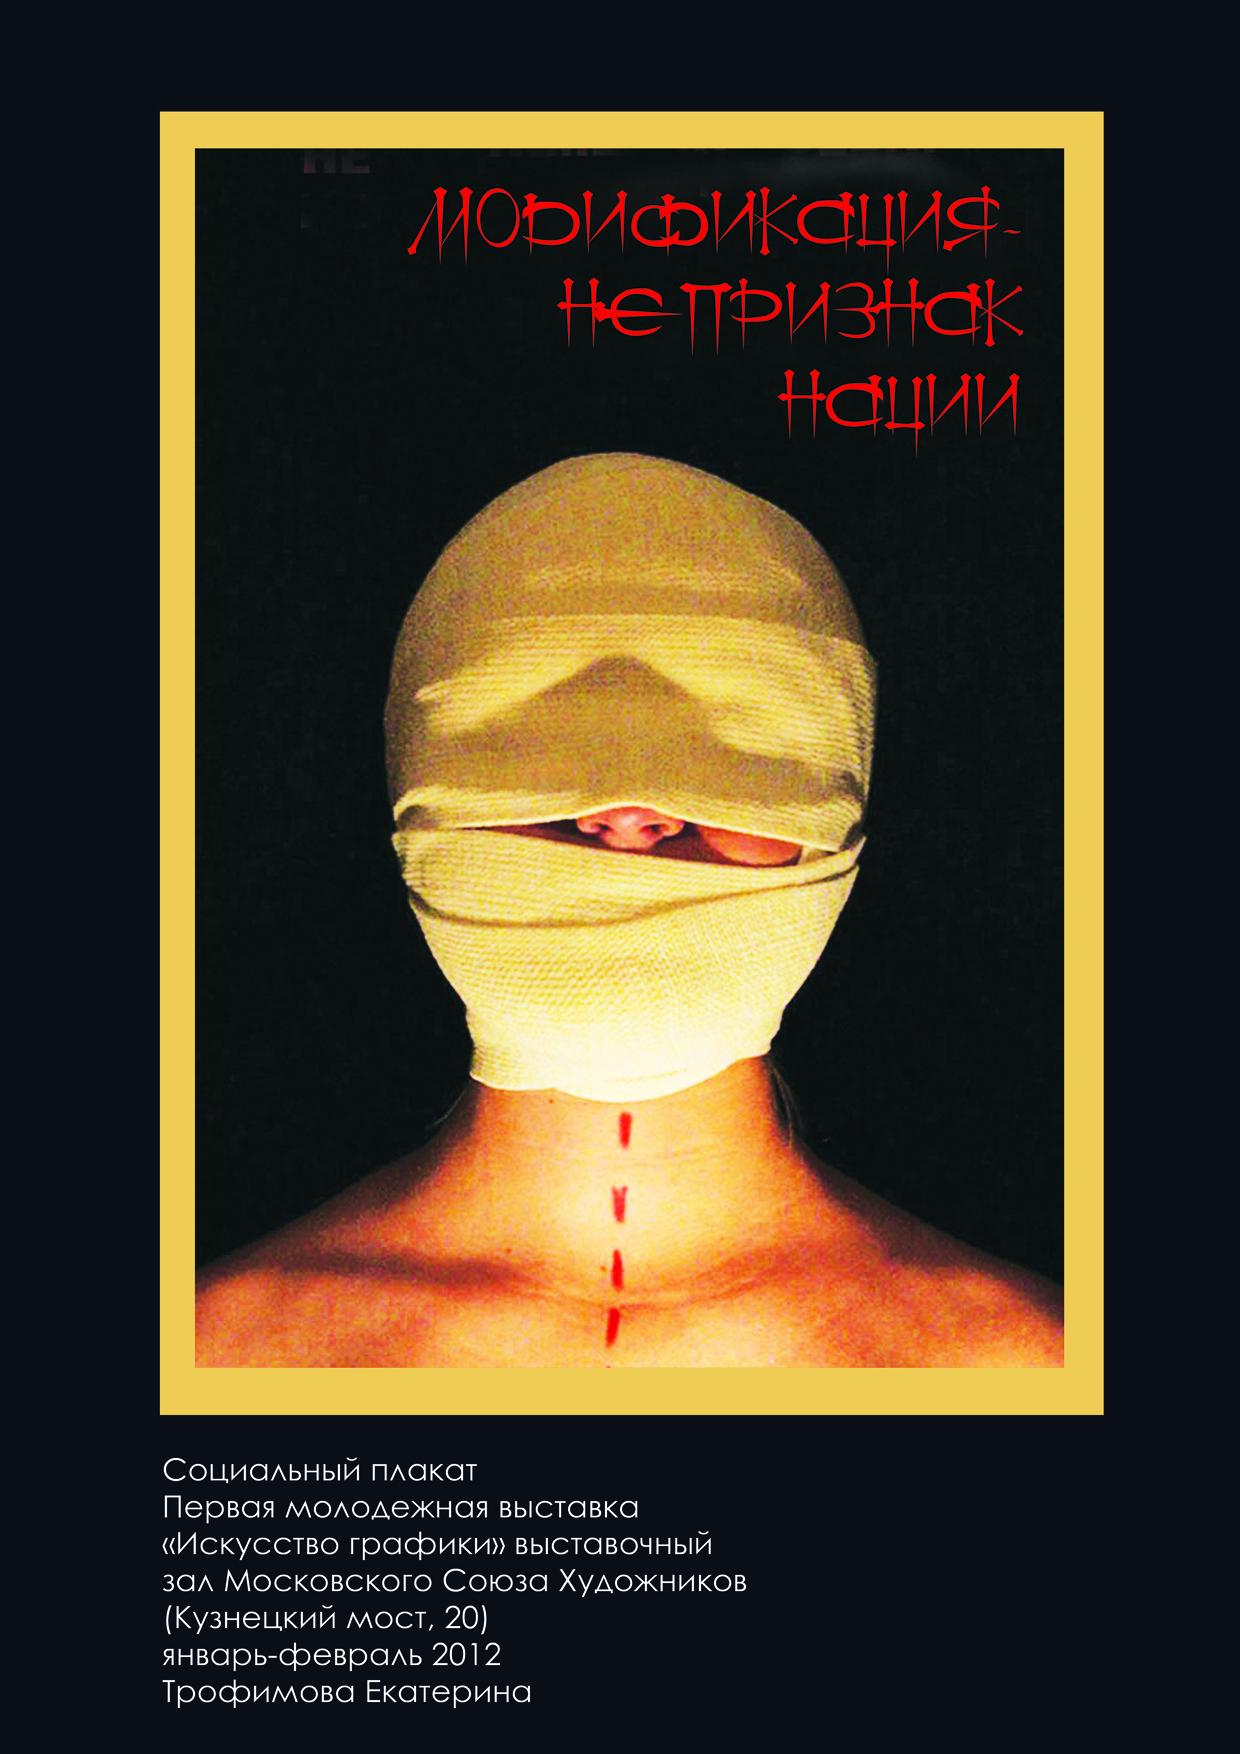 соц плакат пластическая хирургия.jpg